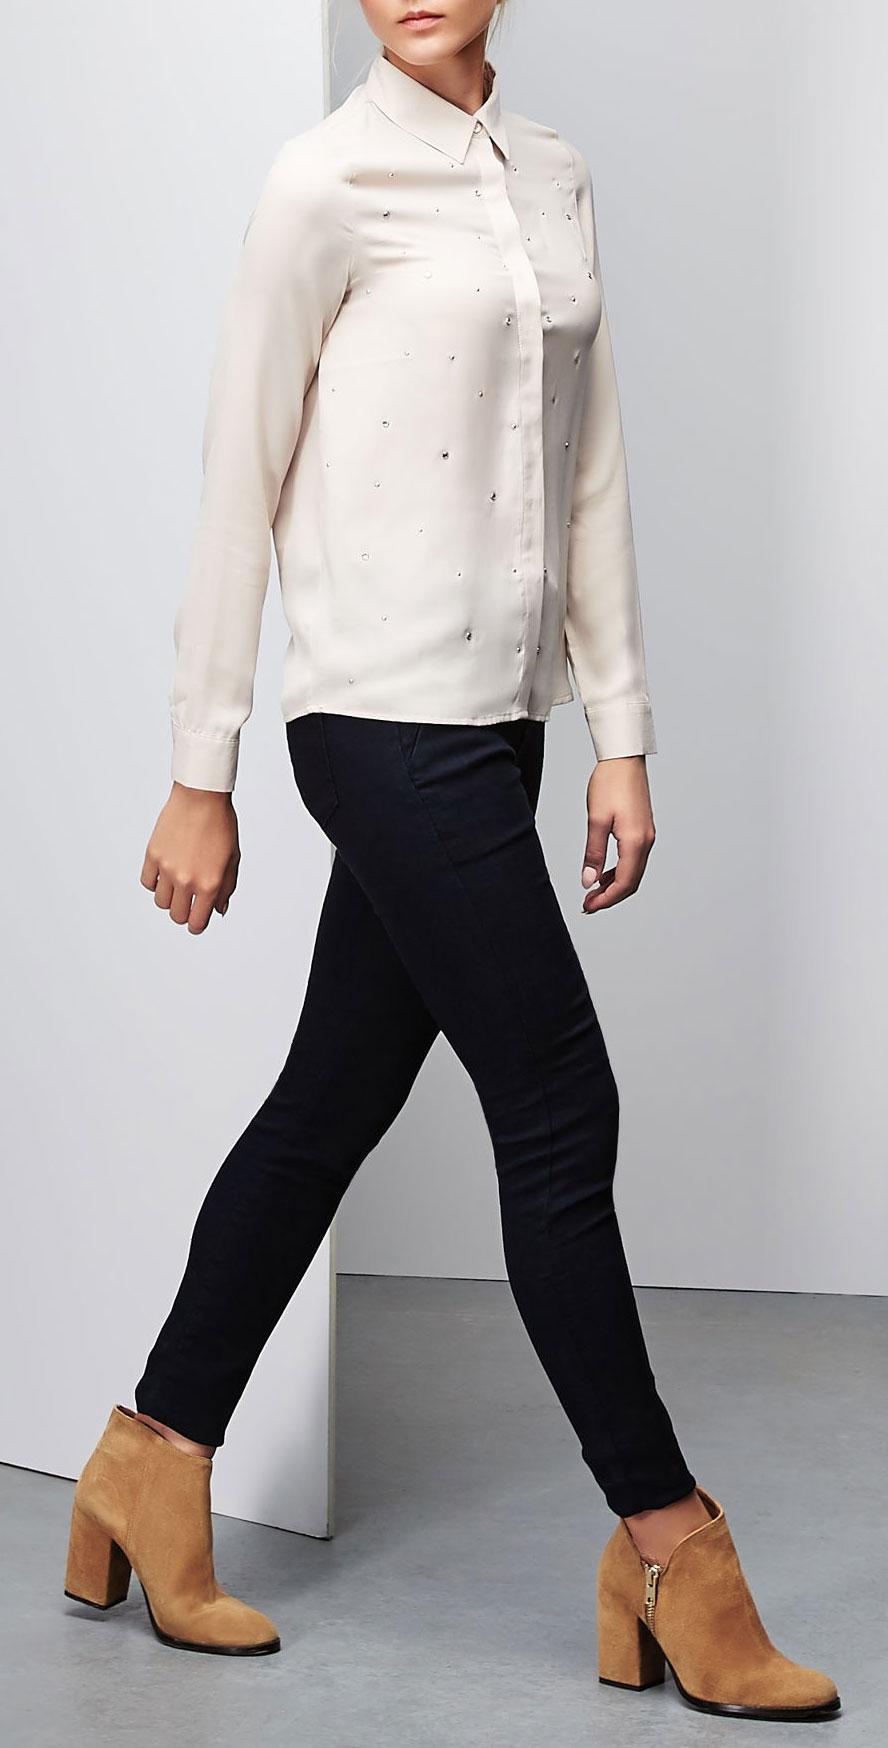 Z-KO-1802_BLACKМодная блузка Moodo, выполненная из полиэстера, подчеркнет ваш уникальный стиль и поможет создать оригинальный женственный образ. Материал очень легкий, мягкий и приятный на ощупь, не сковывает движения и хорошо вентилируется. Блузка прямого кроя с длинными рукавами и отложным воротником застегивается на пуговицы, скрытые внешней планкой. Манжеты рукавов также застегиваются на пуговицы. Спереди изделие декорировано металлическими клепками и стразами. Такая блузка будет дарить вам комфорт в течение всего дня и послужит замечательным дополнением к вашему гардеробу.